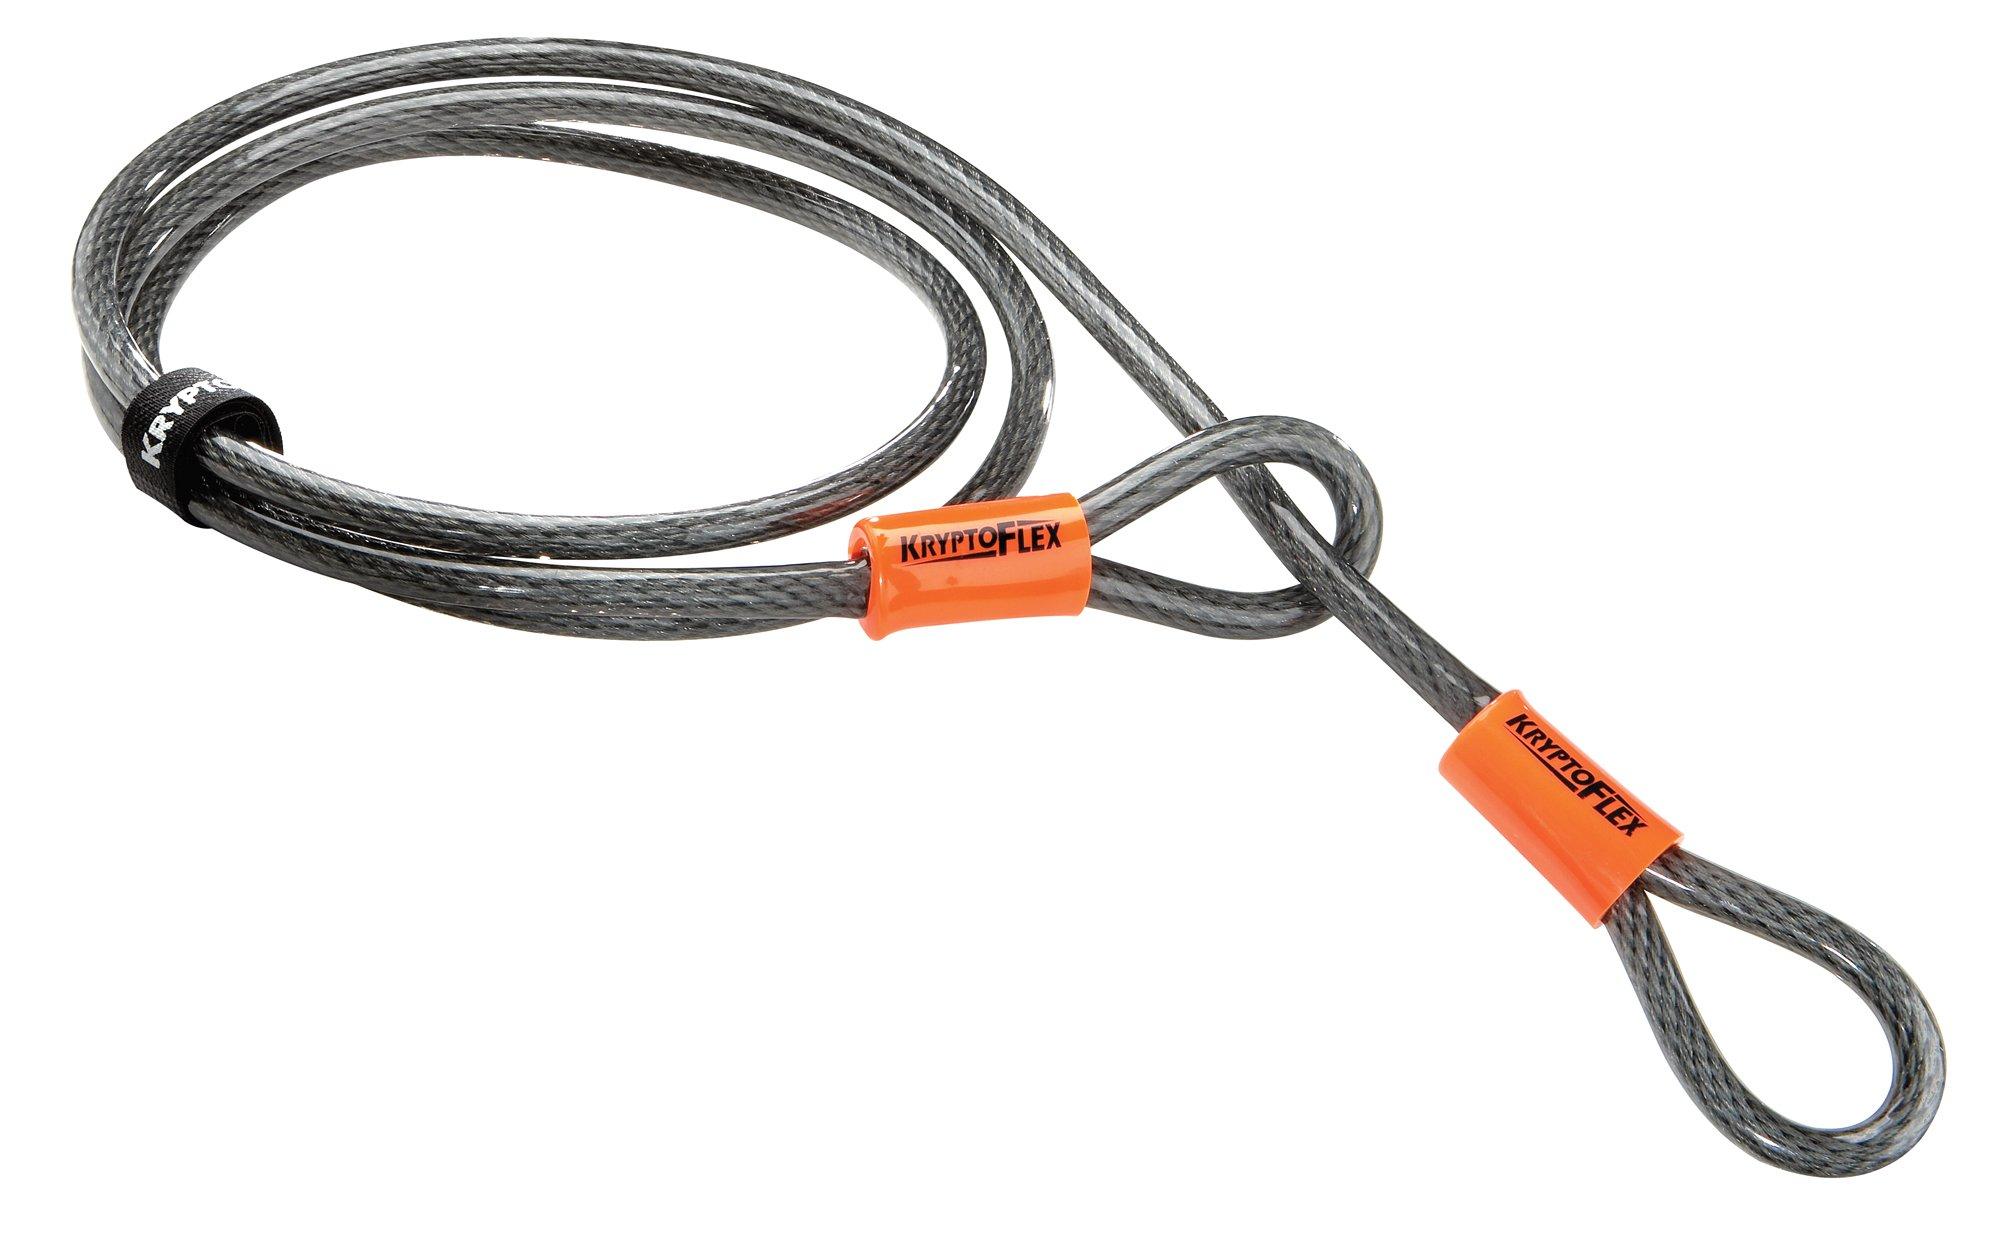 Kryptonite Kryptoflex–Câble de sécurité product image